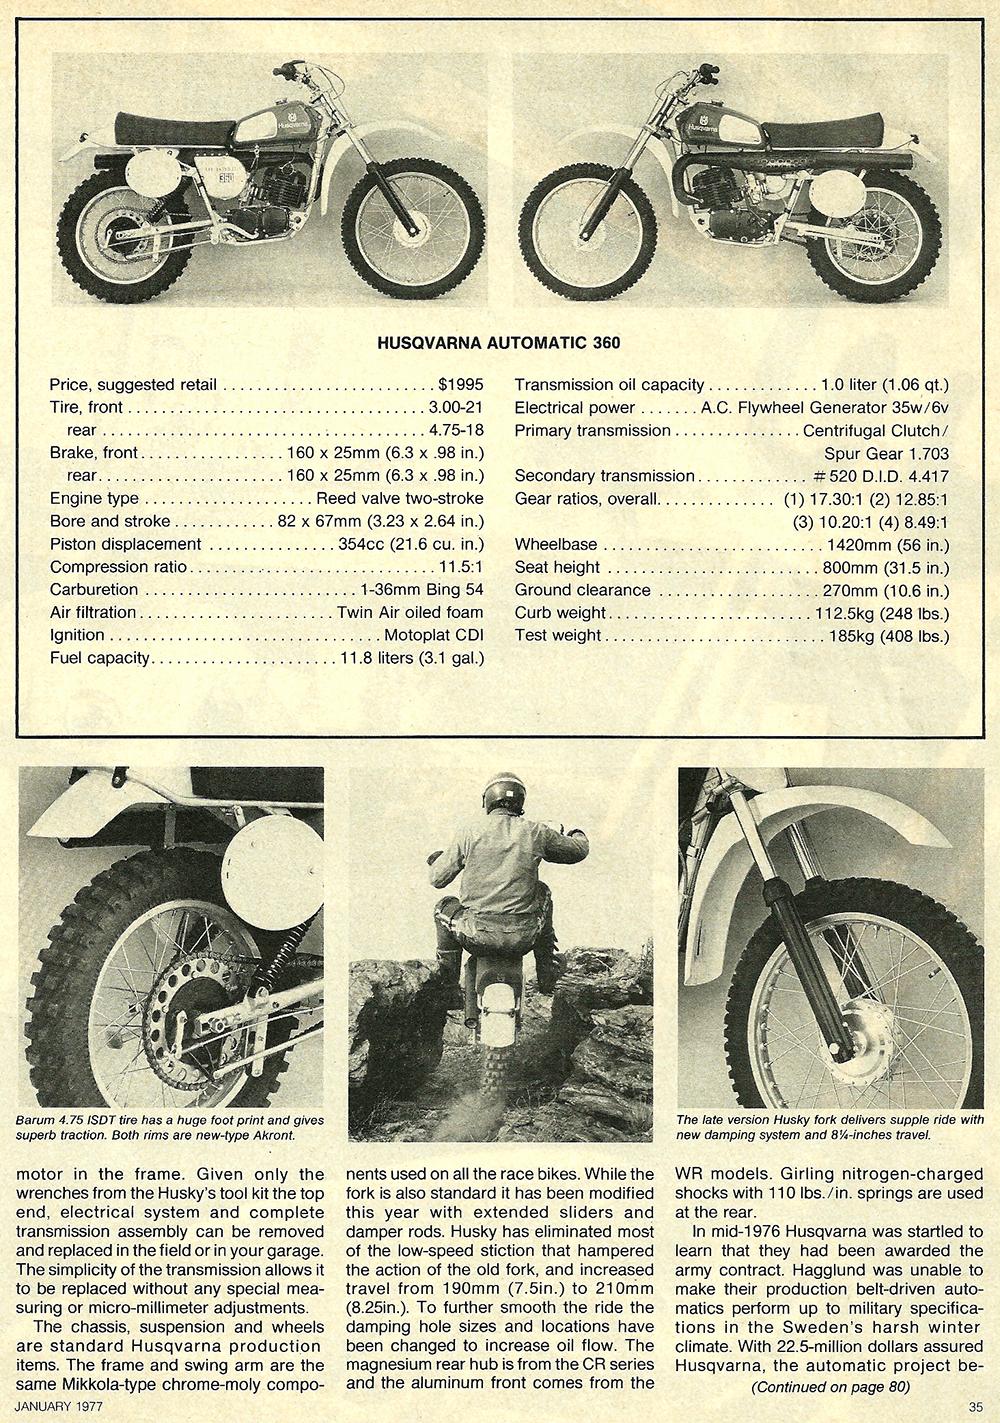 1977 Husqvarna Automatic 360 road test 6.jpg